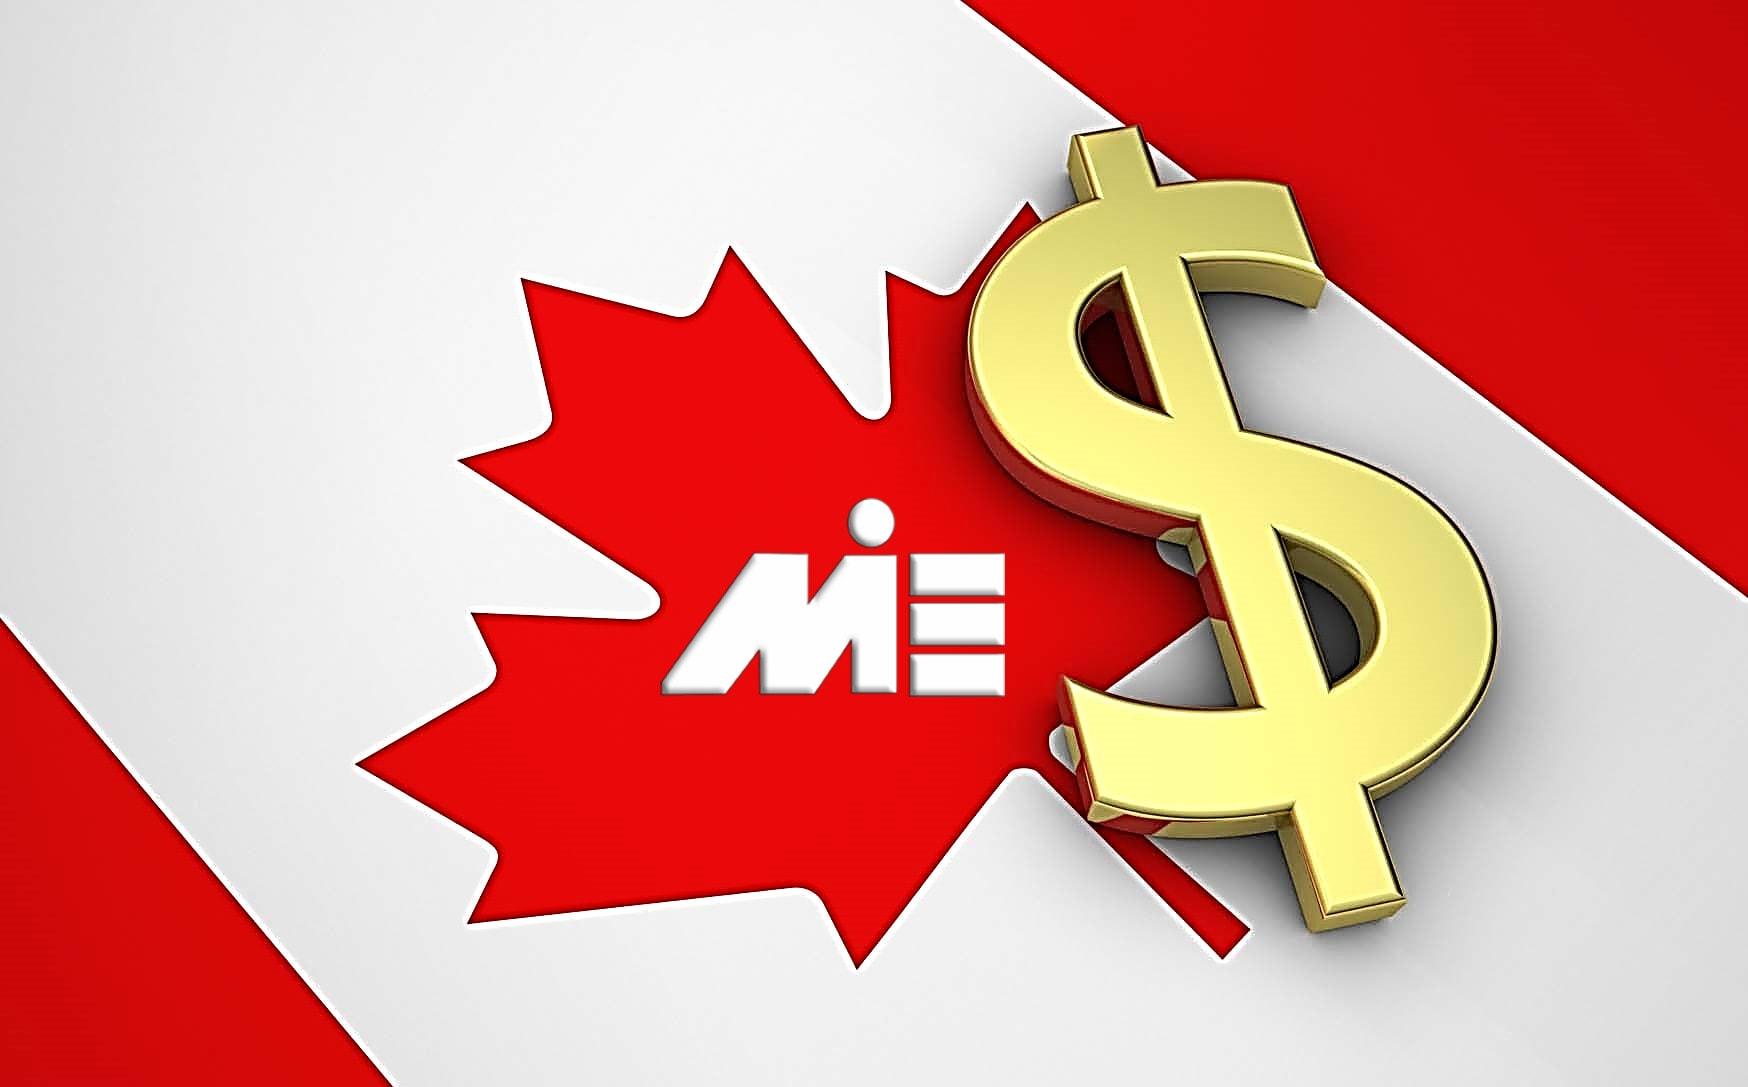 سرمایه گذاری در کانادا ـ سرمایه گذاری 100 هزار دلاری کانادا